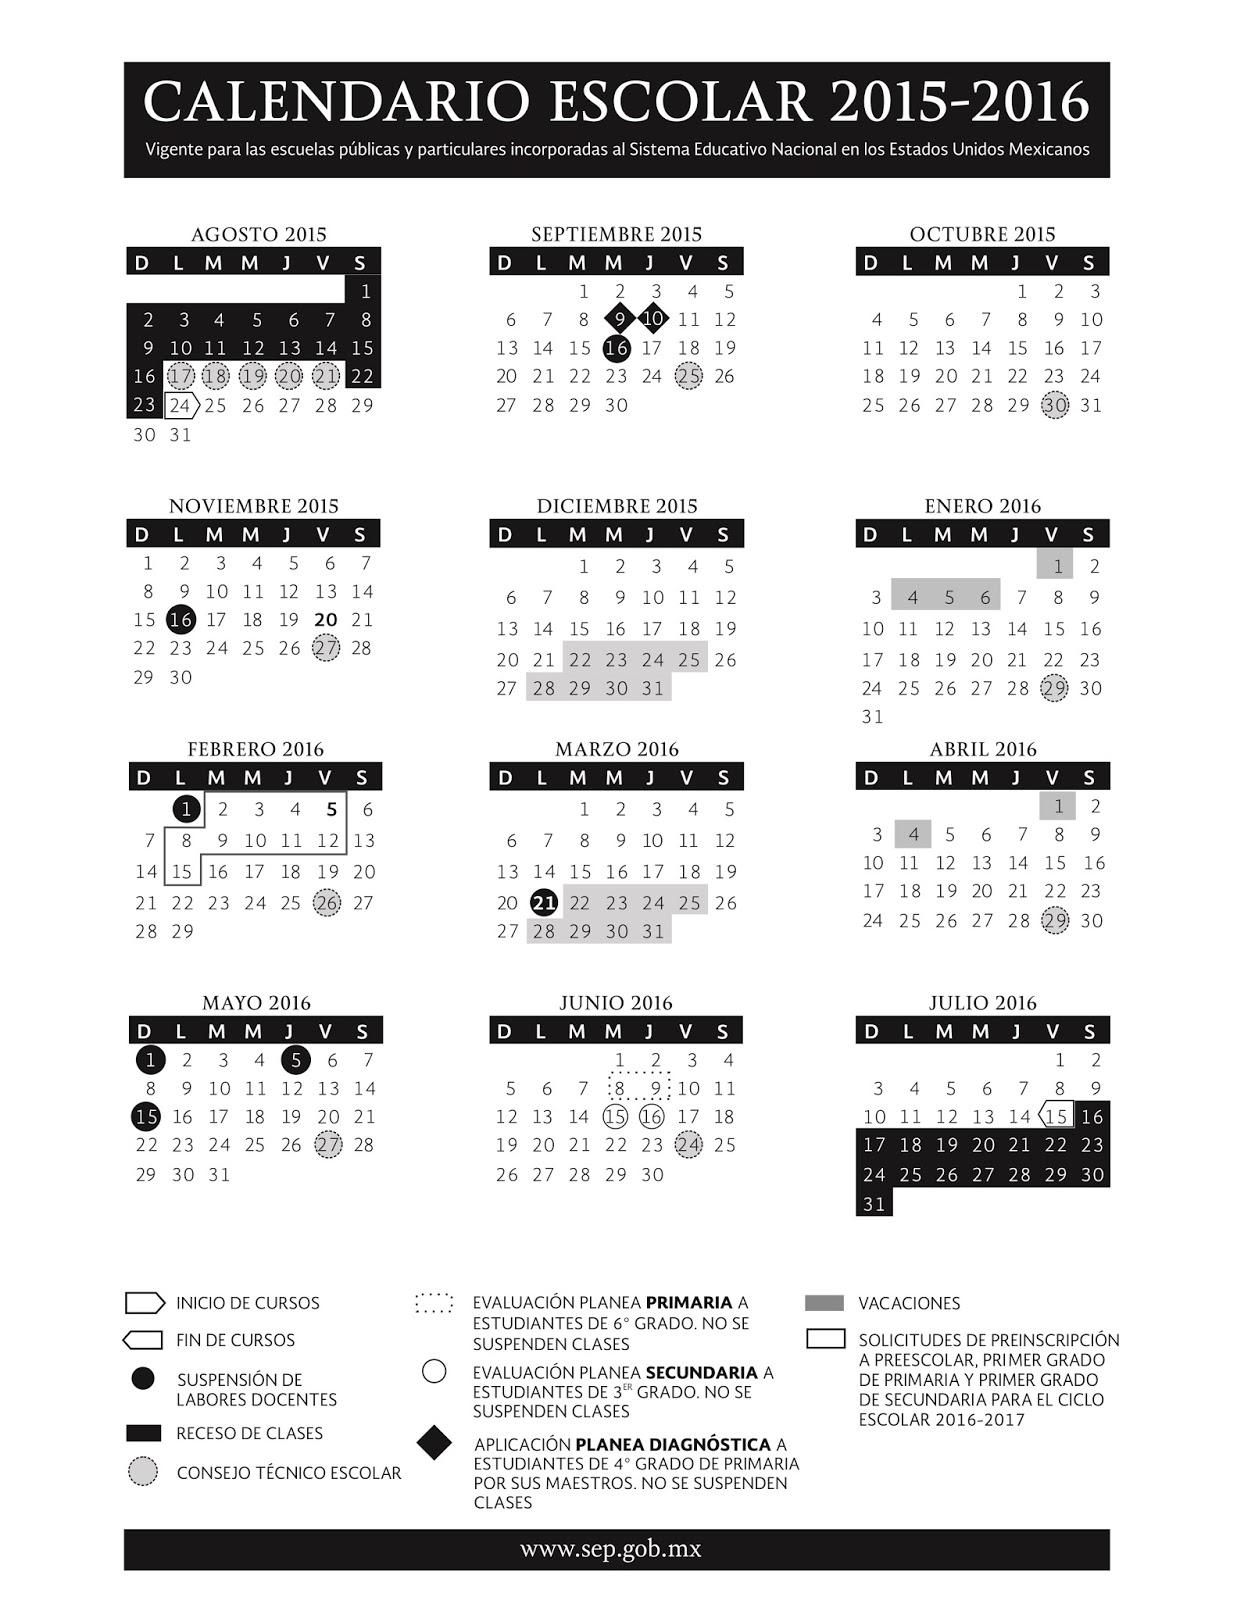 Calendario escolar 2015-2016 | Consejo Técnico Escolar. Foránea 4 ...